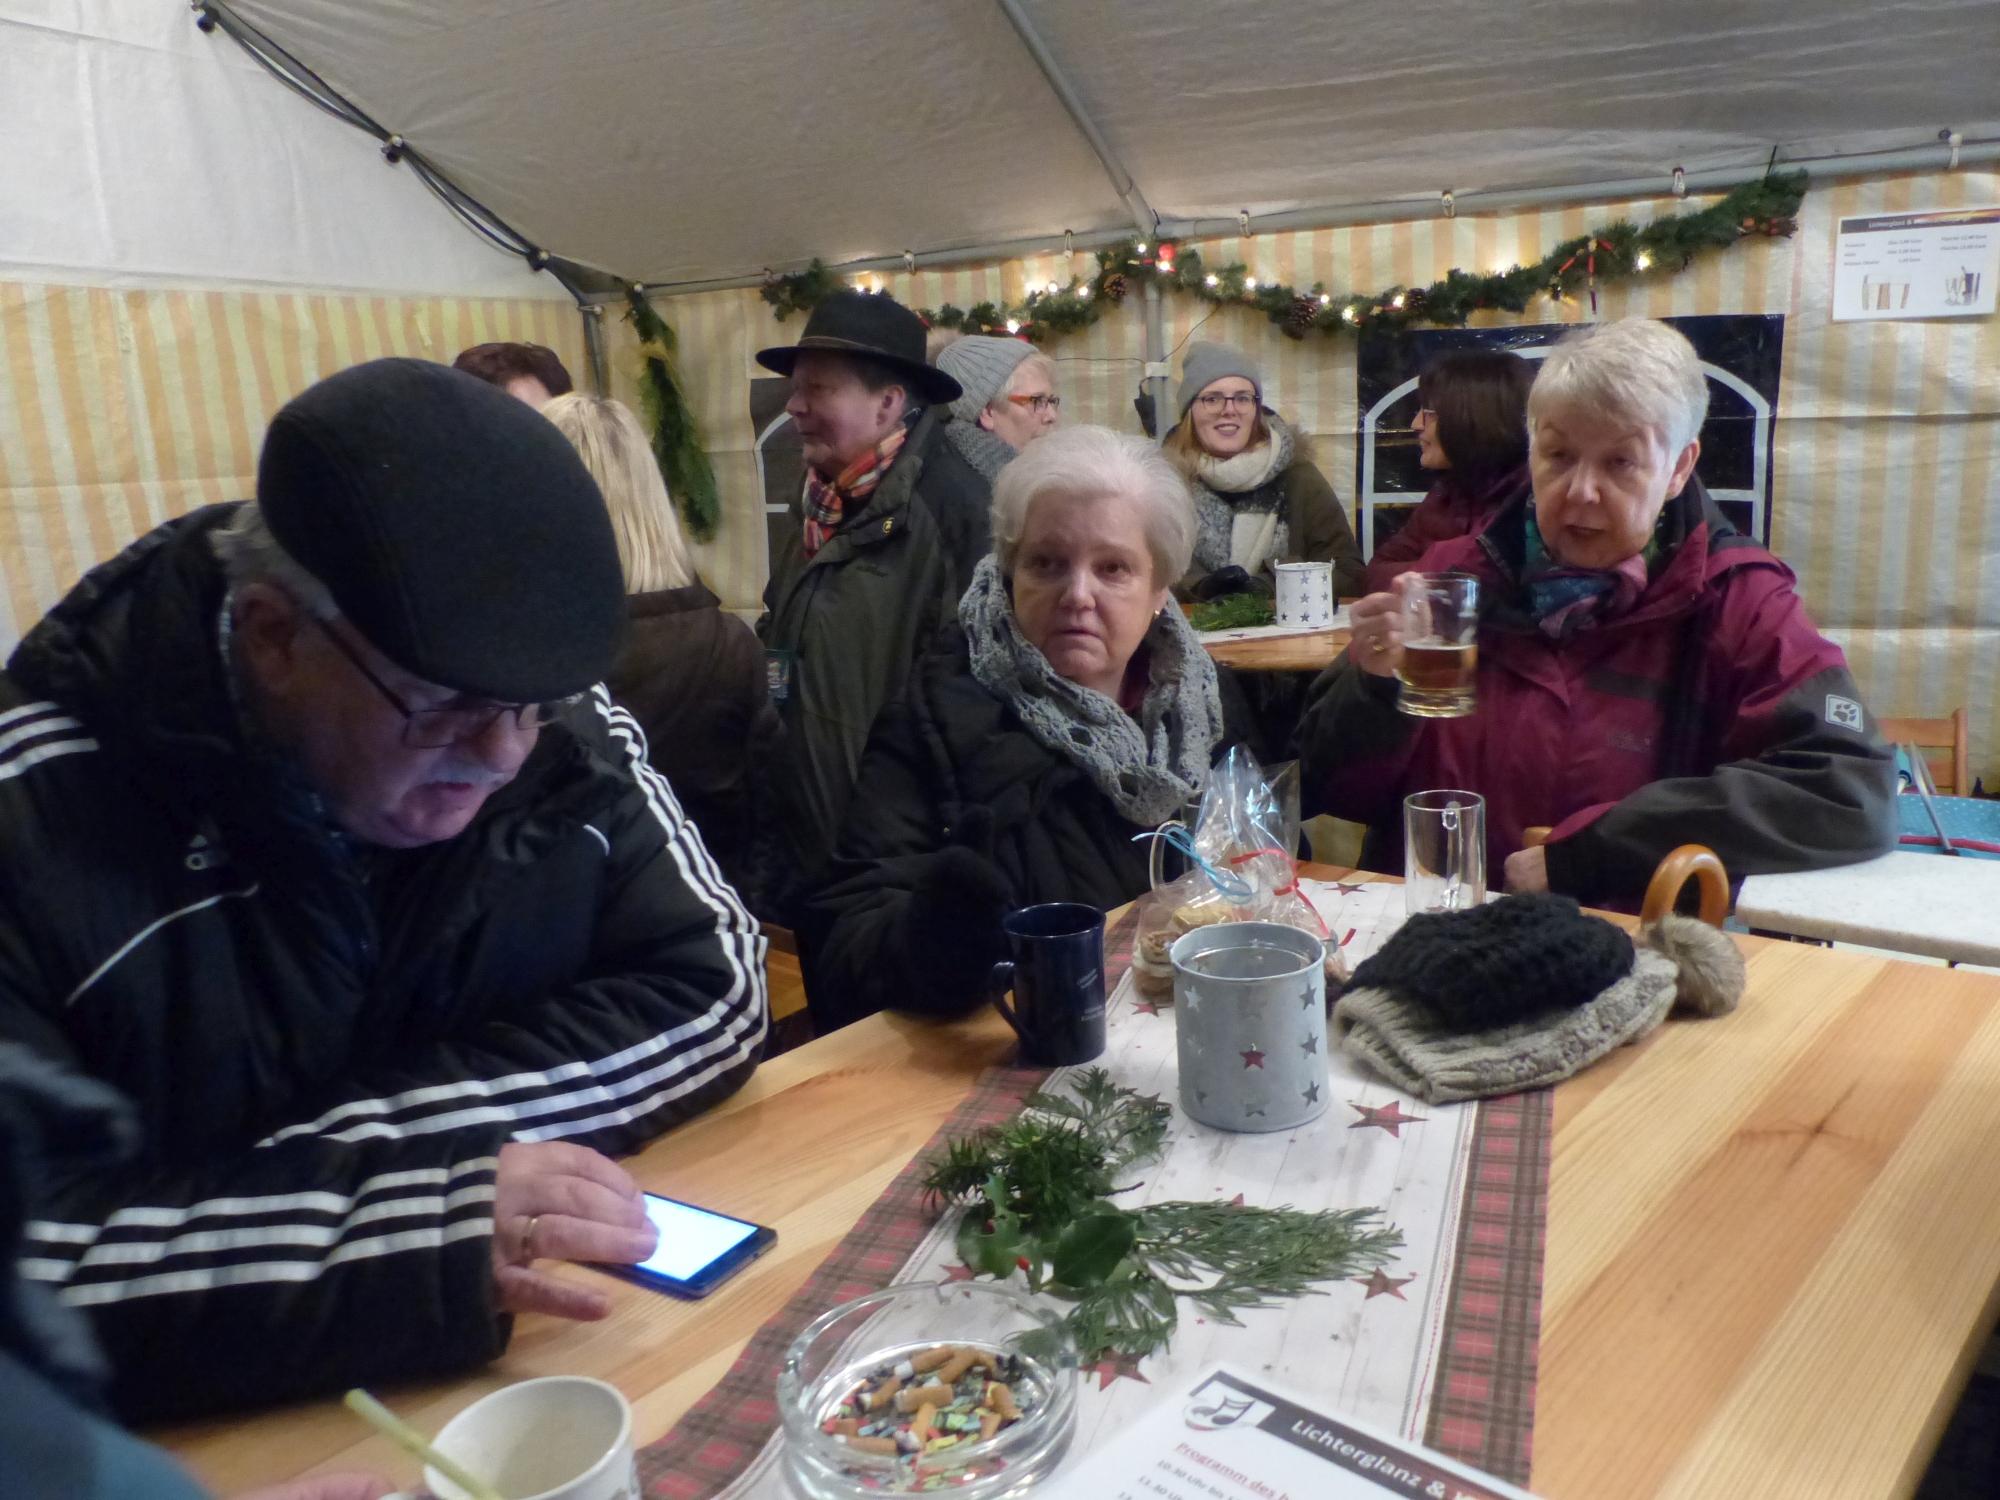 20171203_Lichterglanz_und_Weihnachtsklaenge_0029